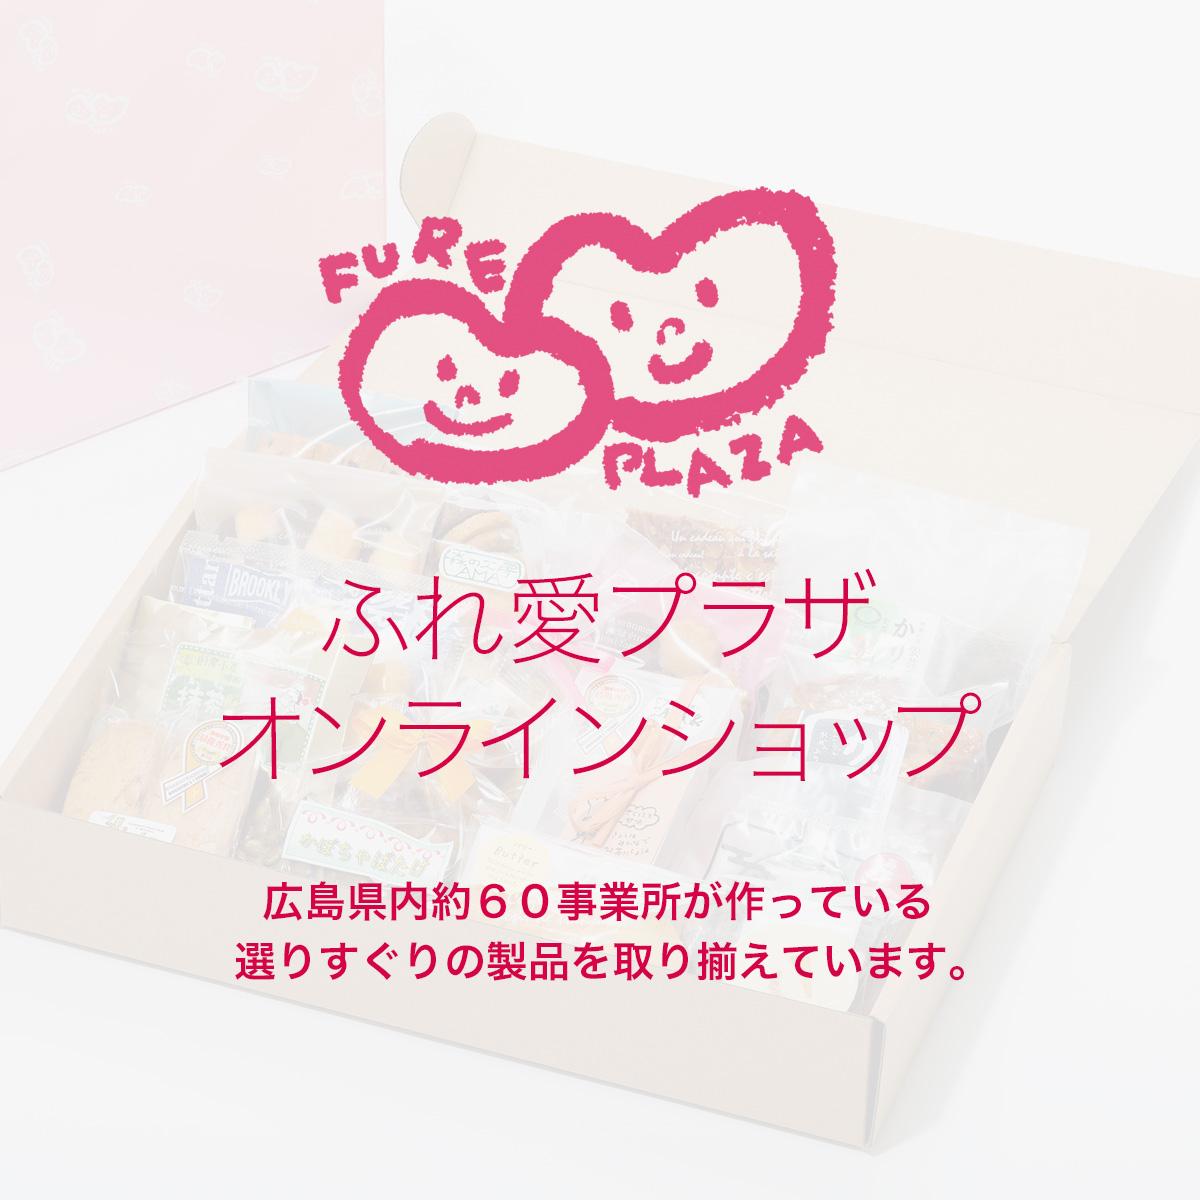 ふれ愛プラザオンラインショップ